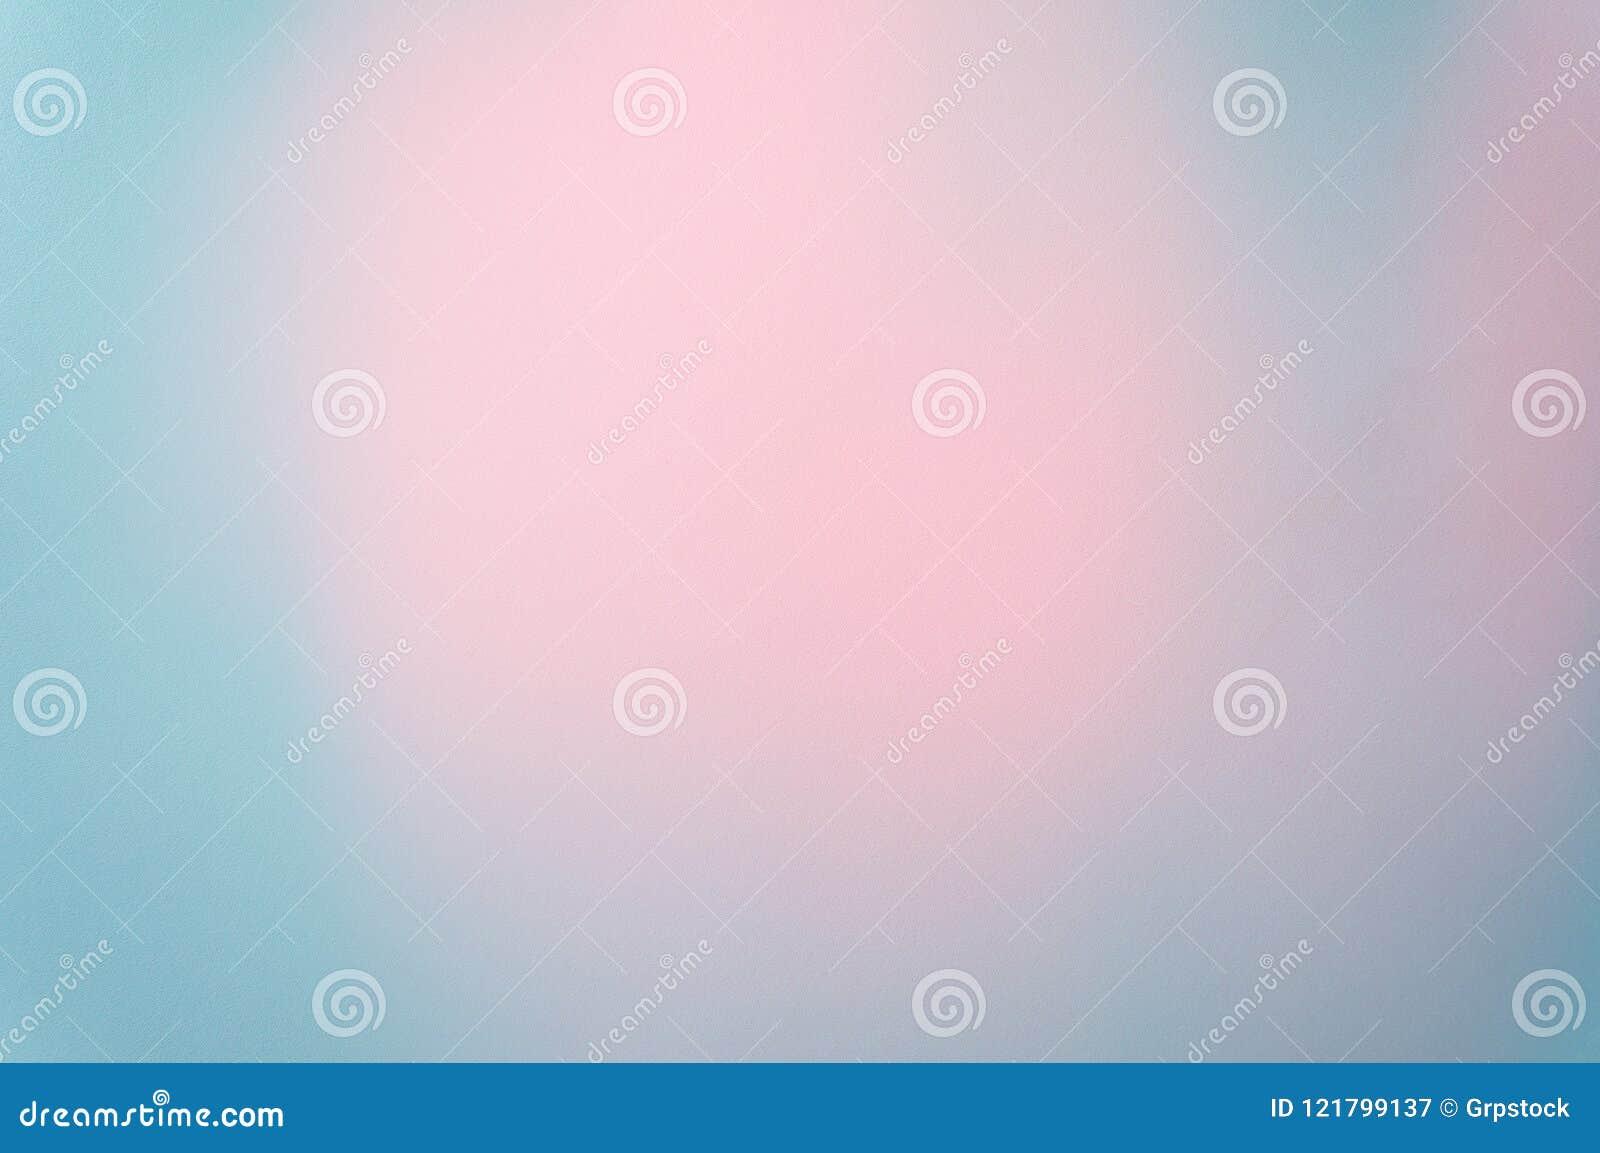 Foto macia do foco do teste padrão pastel azul da textura do papel de fundo com cor pastel cor-de-rosa em Art Background médio, a